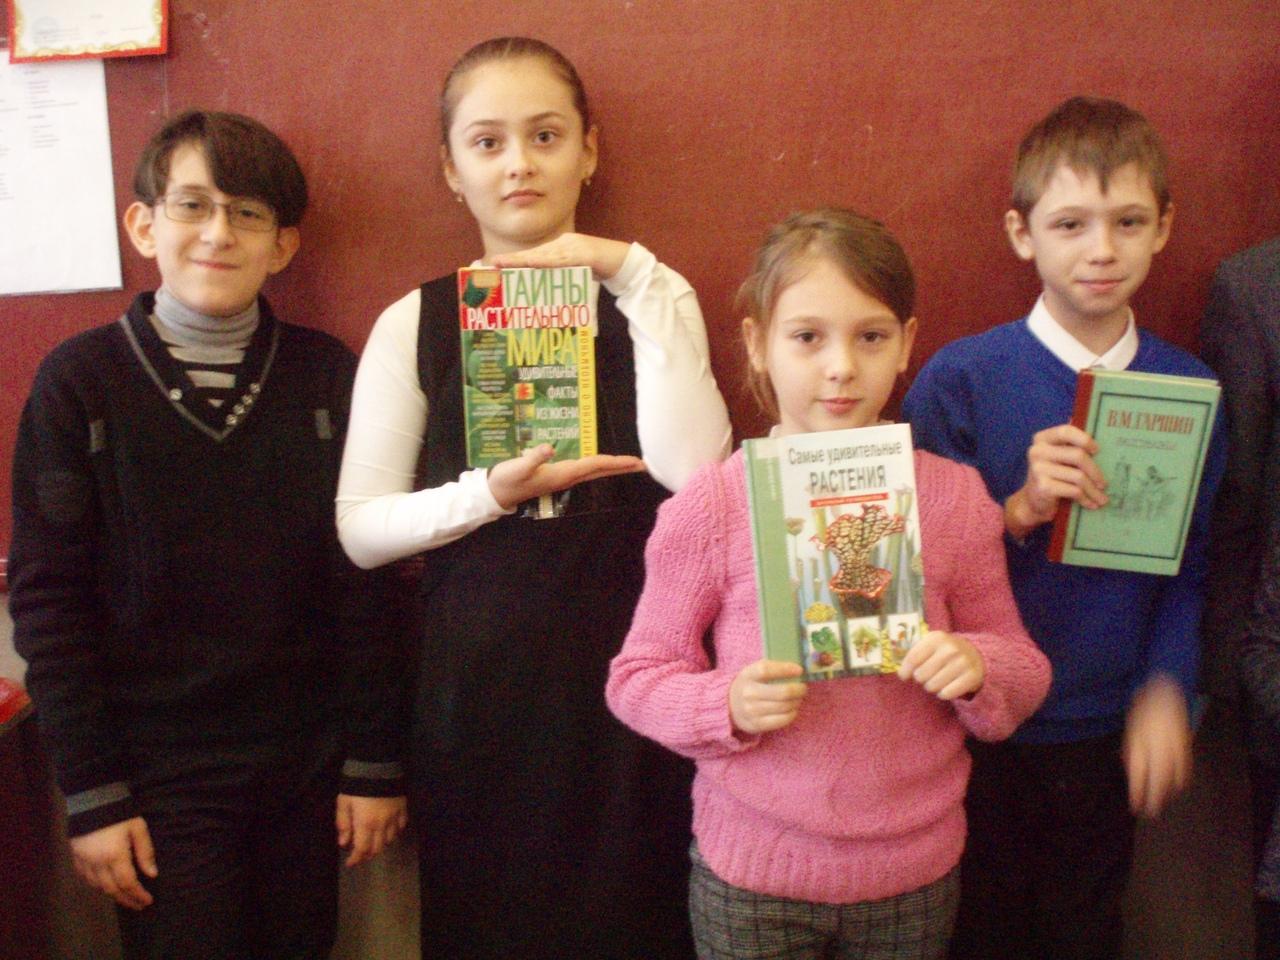 отдел обслуживания учащихся 5-9 классов, донецкая республиканская библиотека для детей, Жизнь зелёного леса, школа 2